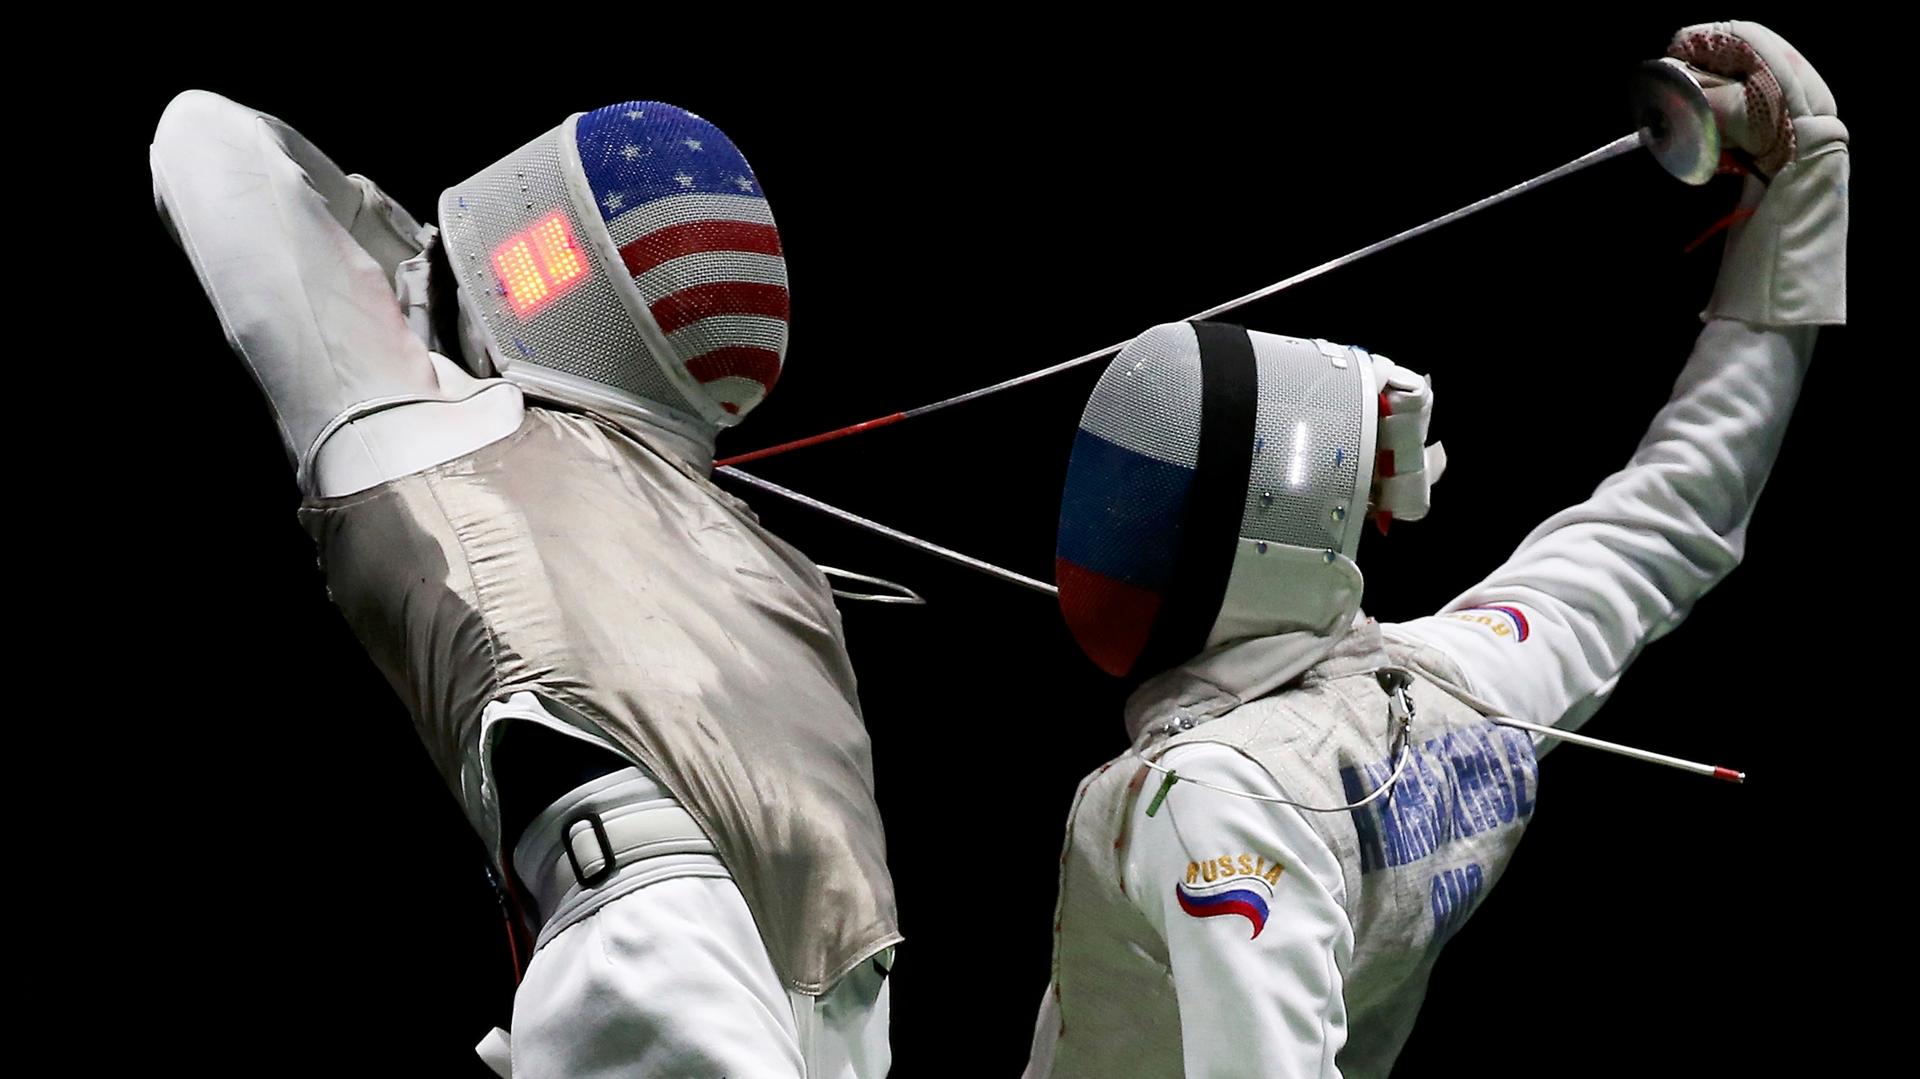 Дух есть: как олимпийские ценности в Рио борются с конъюнктурой